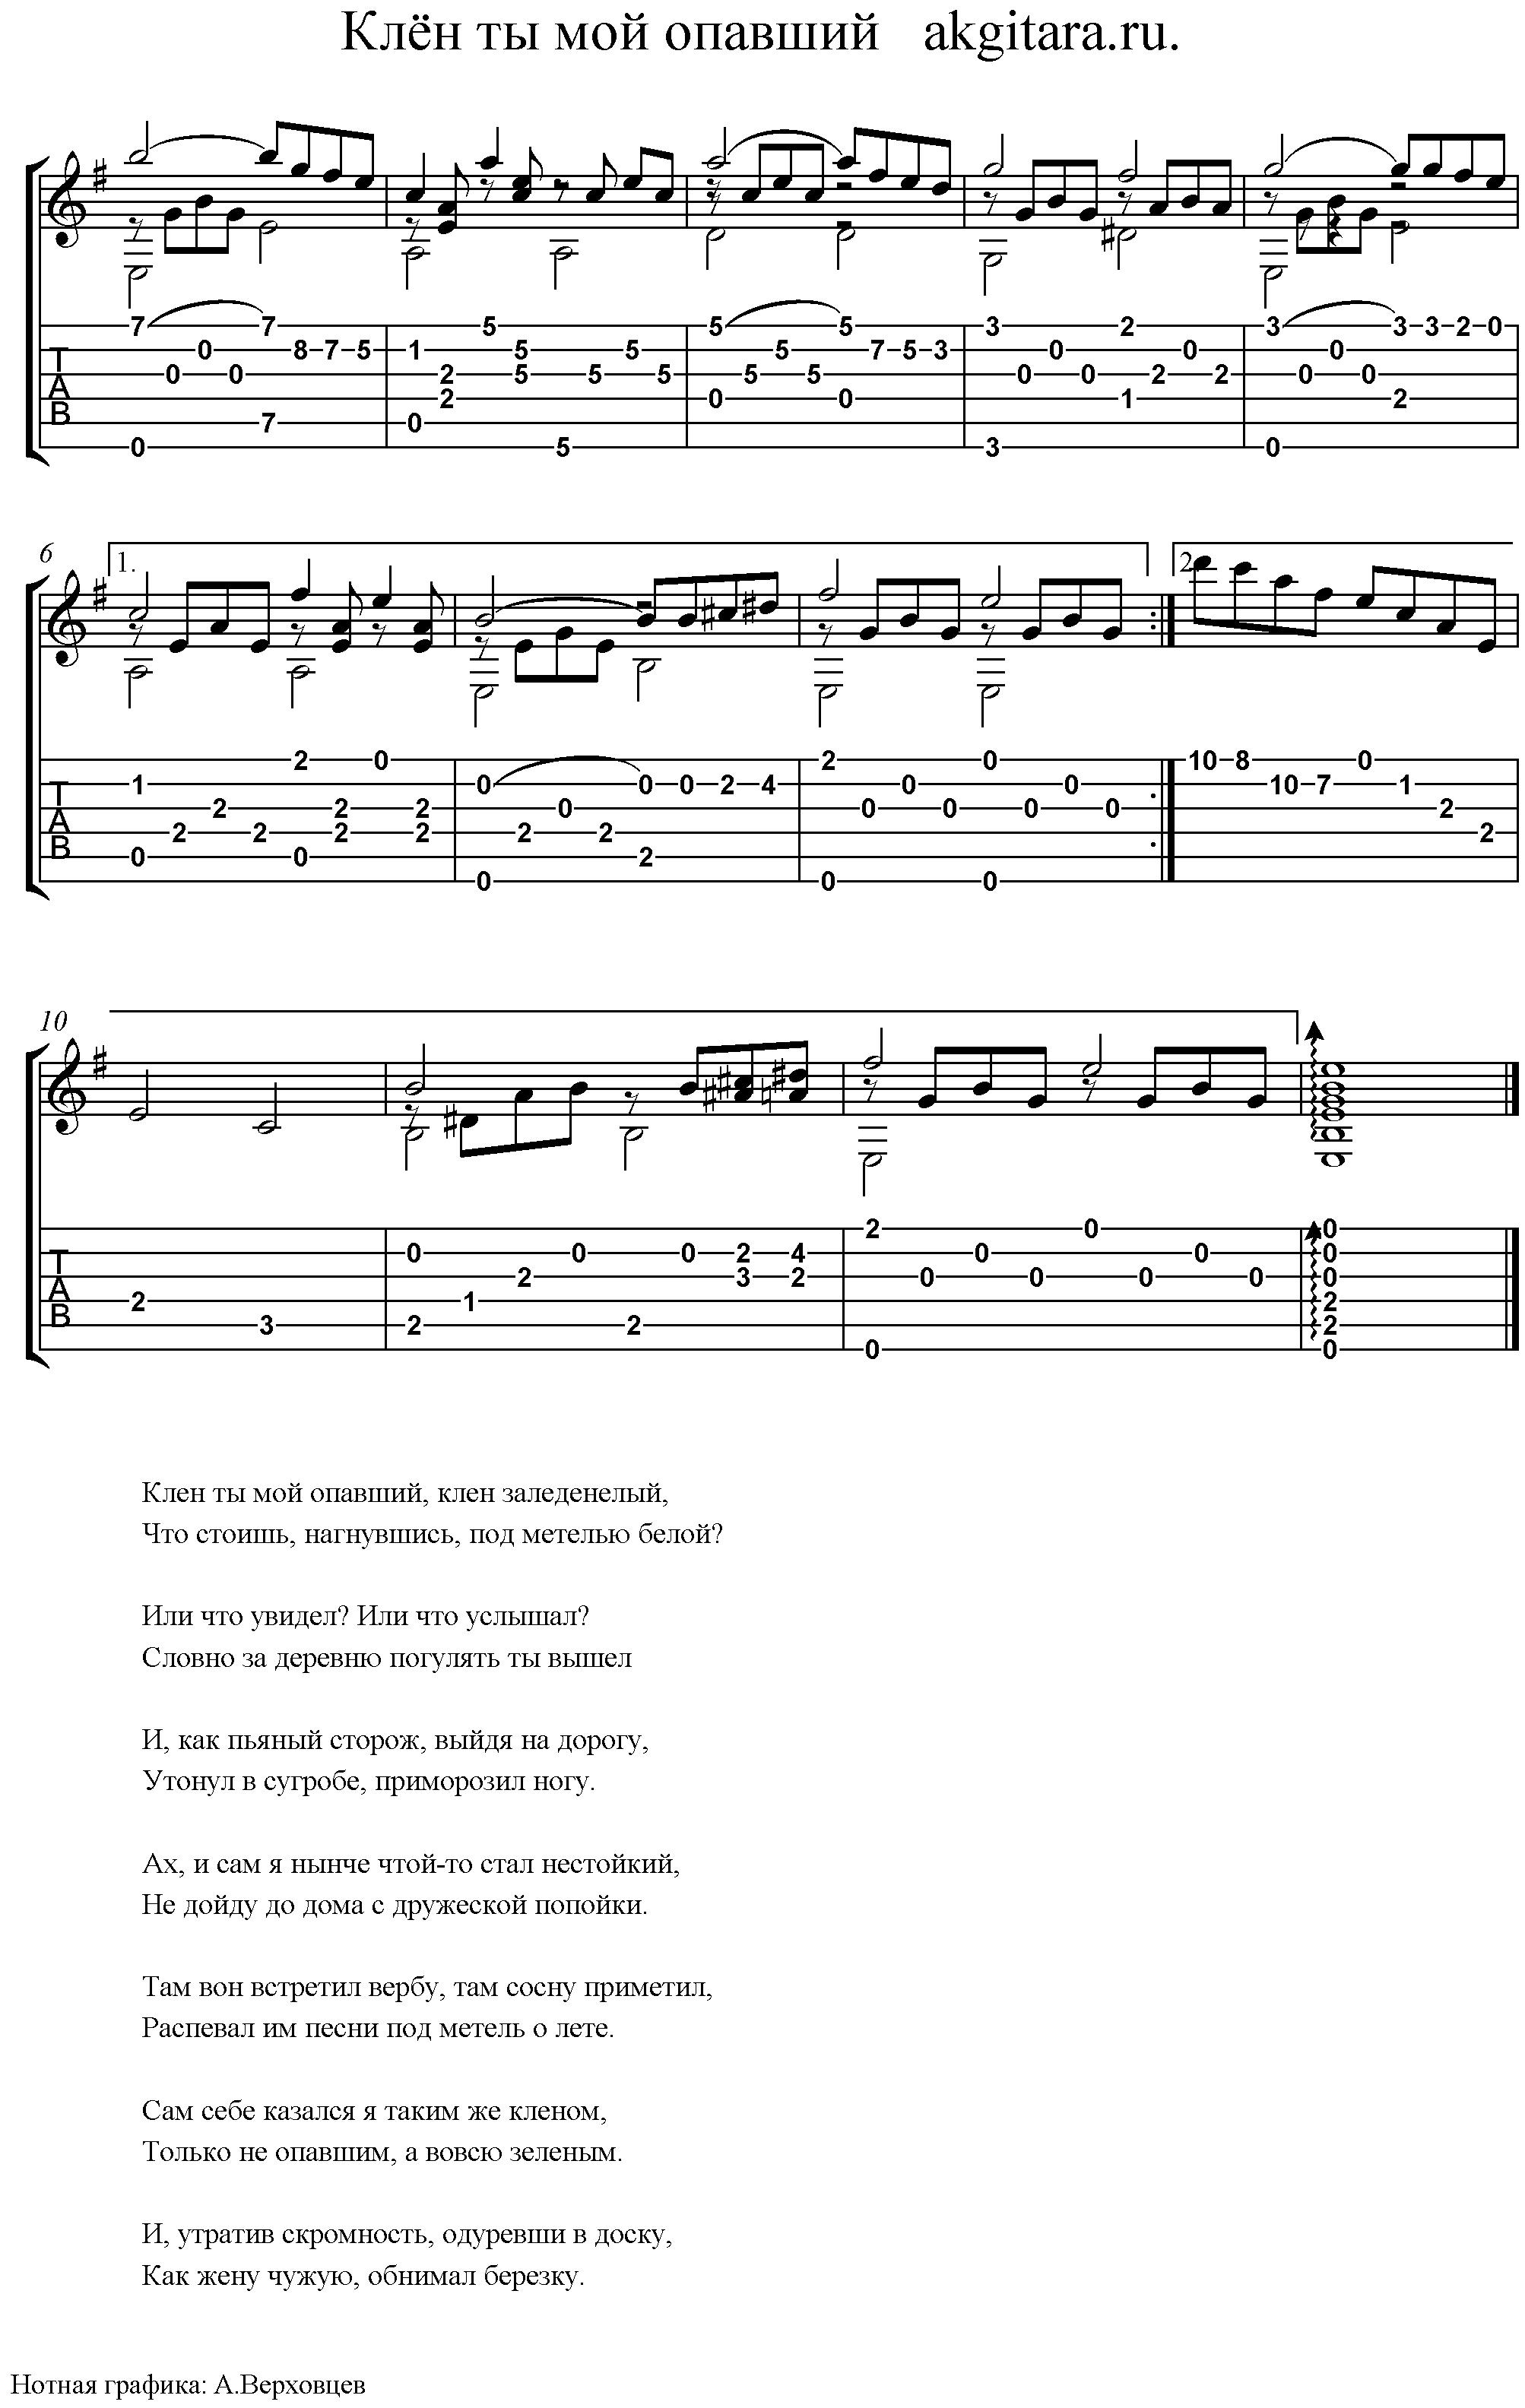 аккорды ловлю моменты